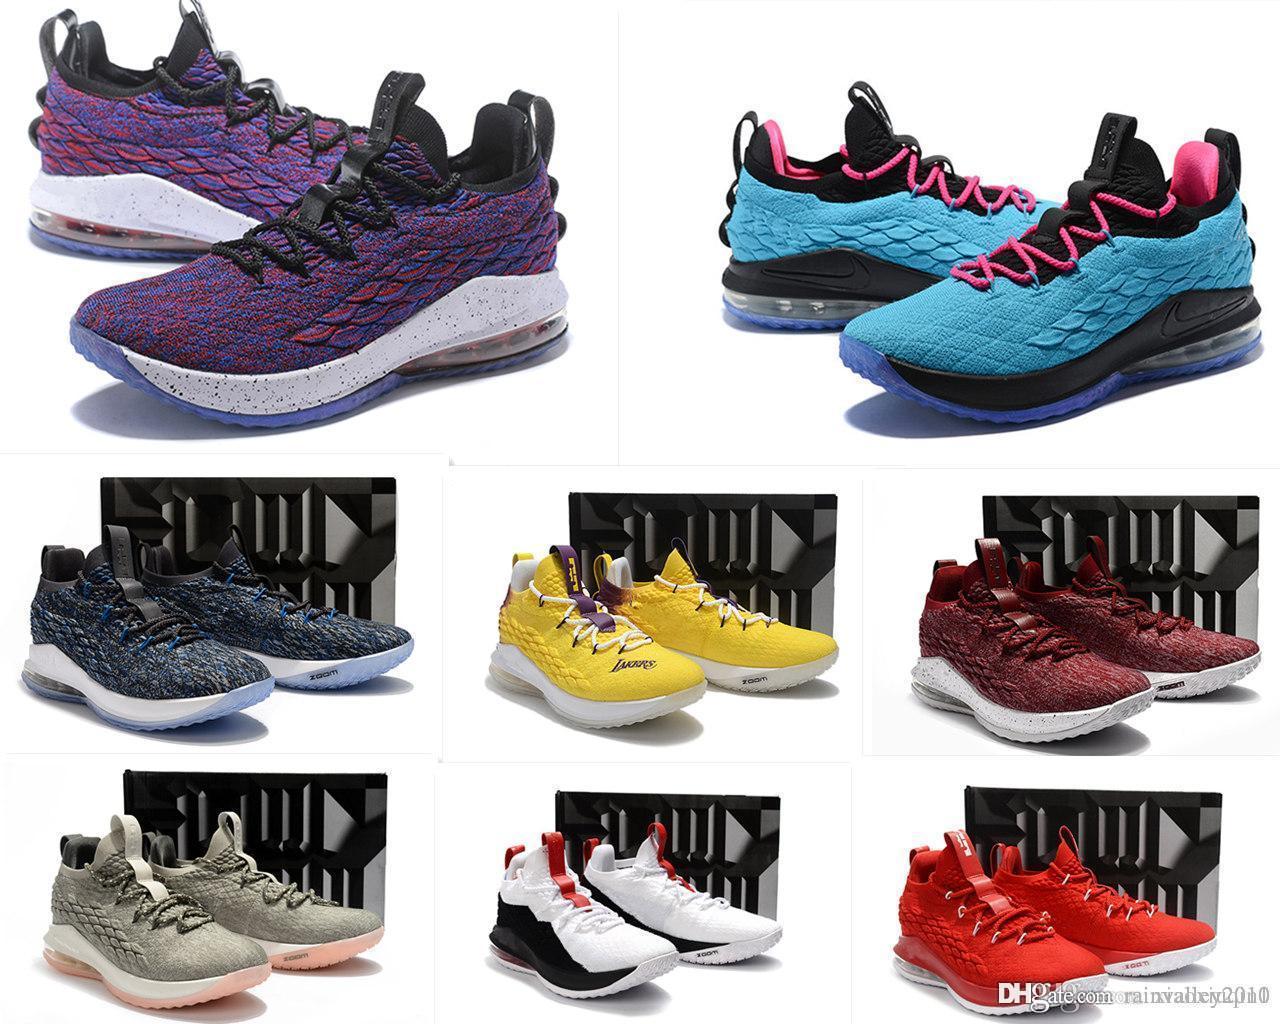 что леброн 15 XV низкие мужские баскетбольные кроссовки для продажи MVP Рождество BHM Oreo молодежные детские поколения кроссовки сапоги с коробкой